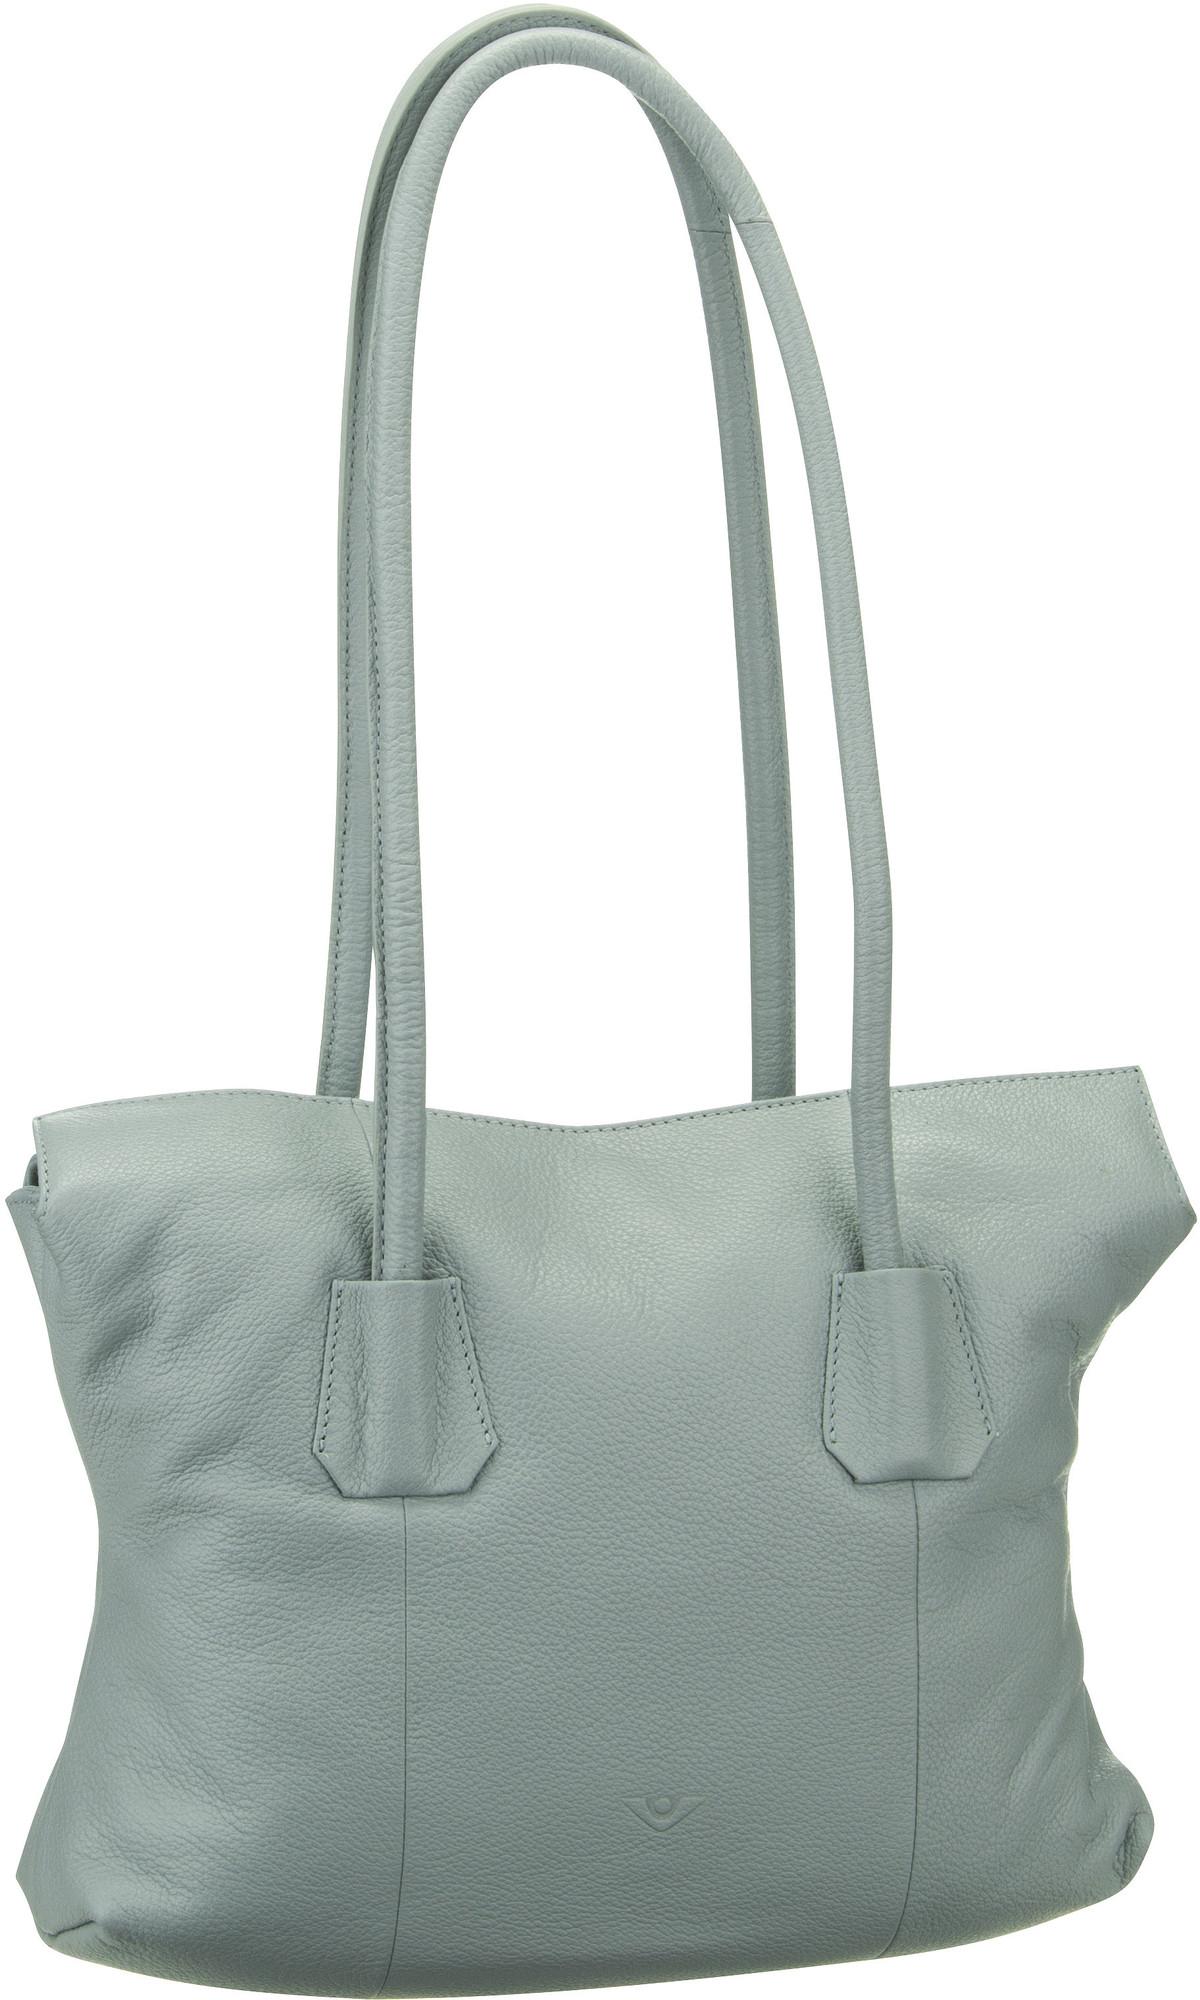 Voi Handtasche Deluxe 30462 Hobo Bag Wintersky